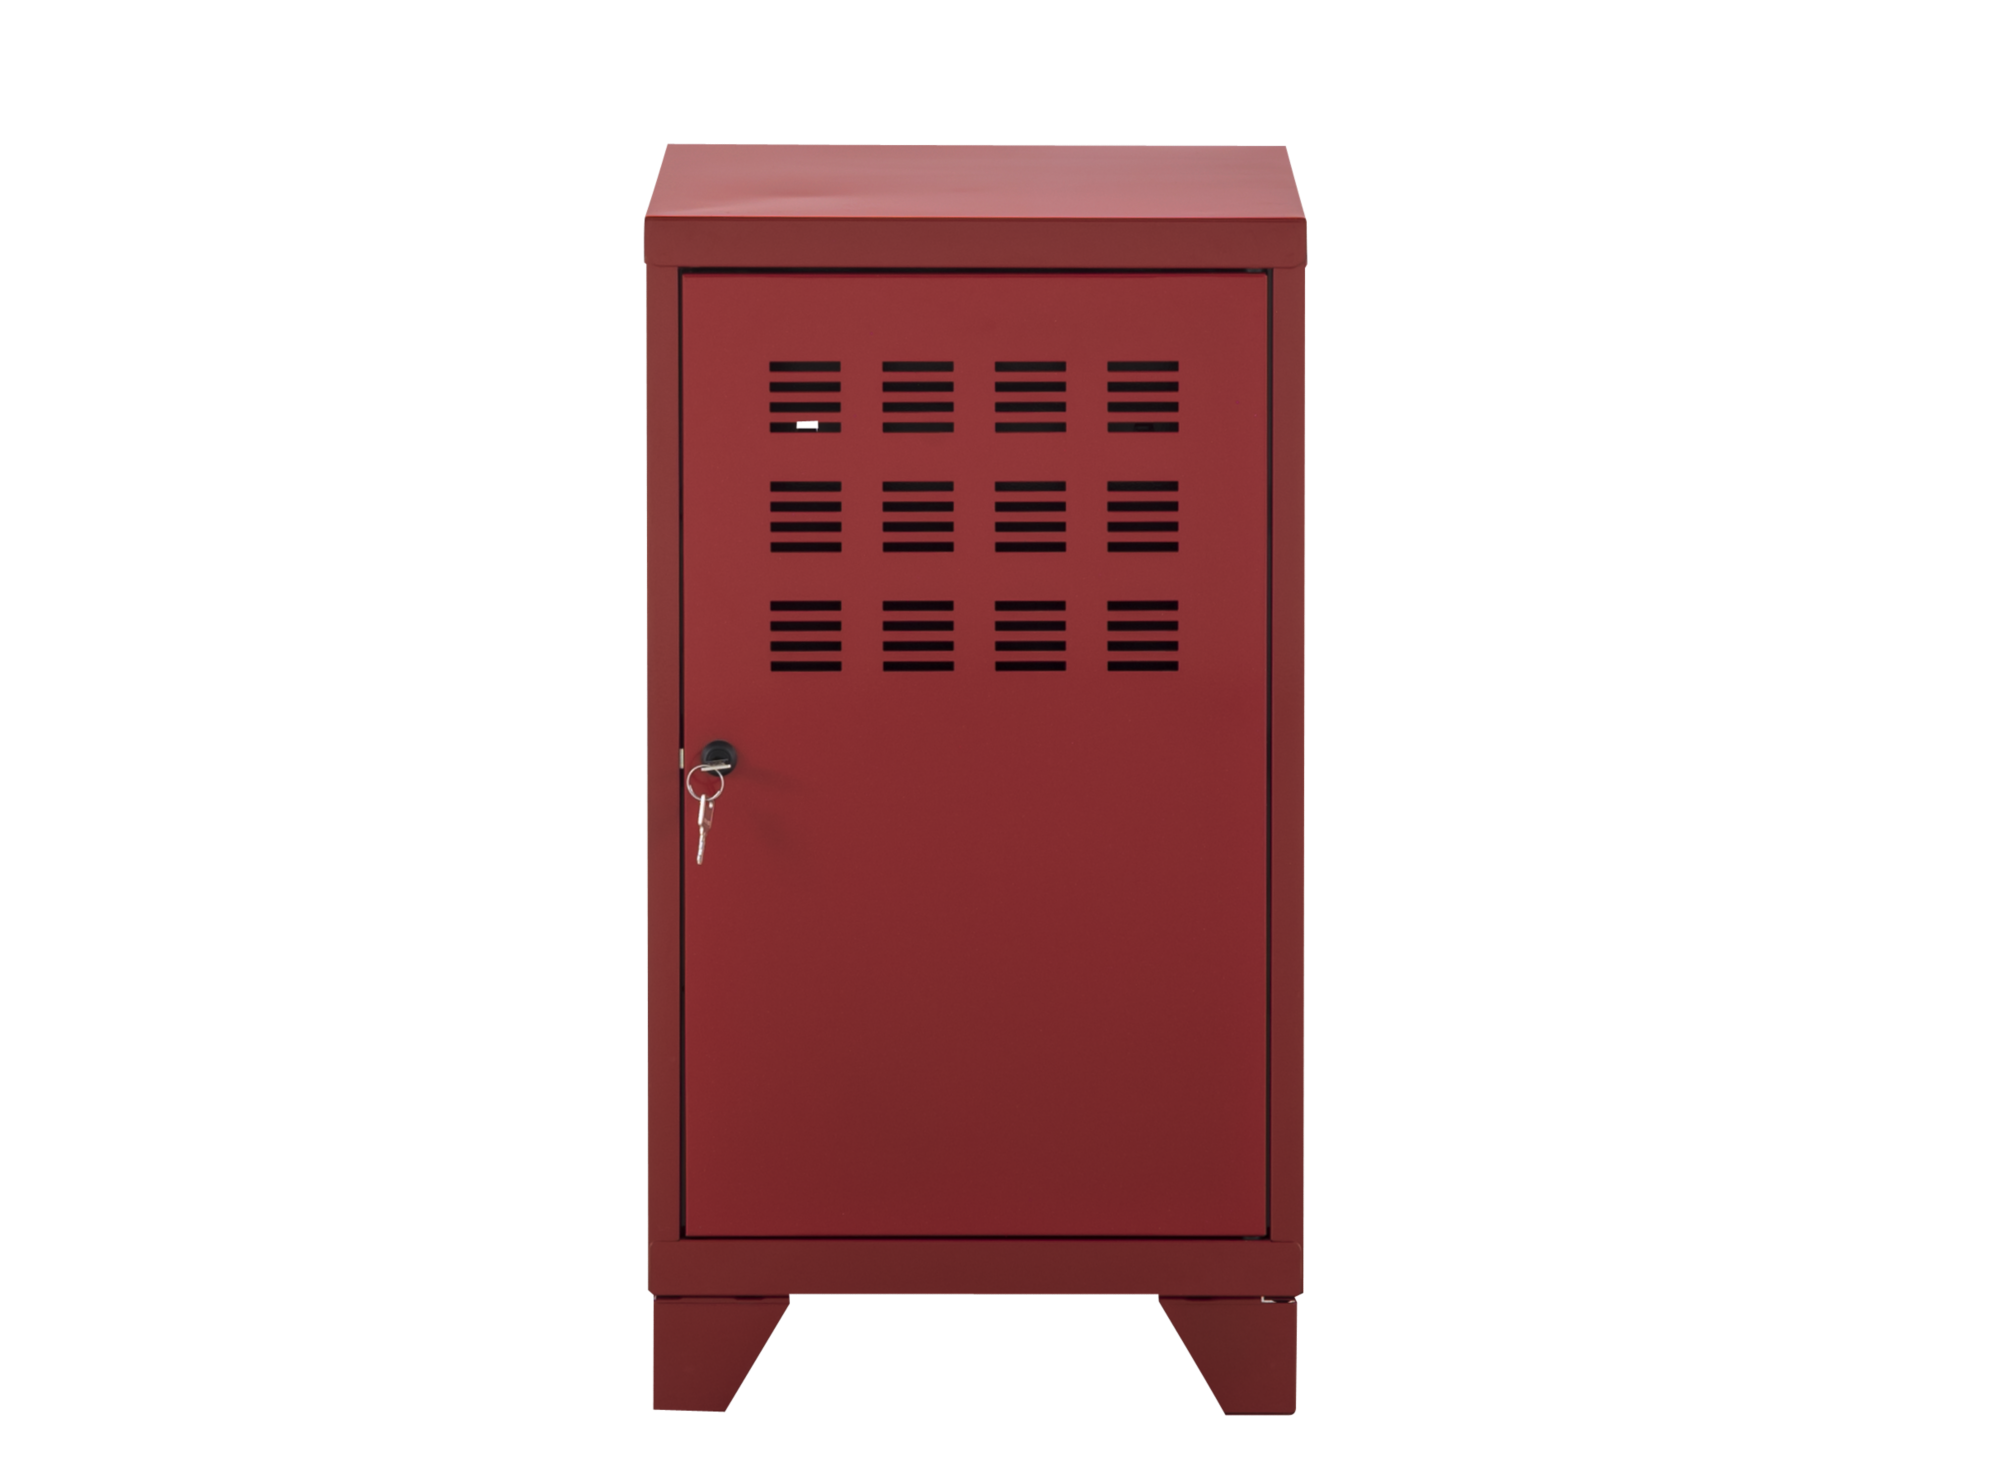 Rangement 1 porte h75 metal rouge meuble de rangement for Fly porte serviette